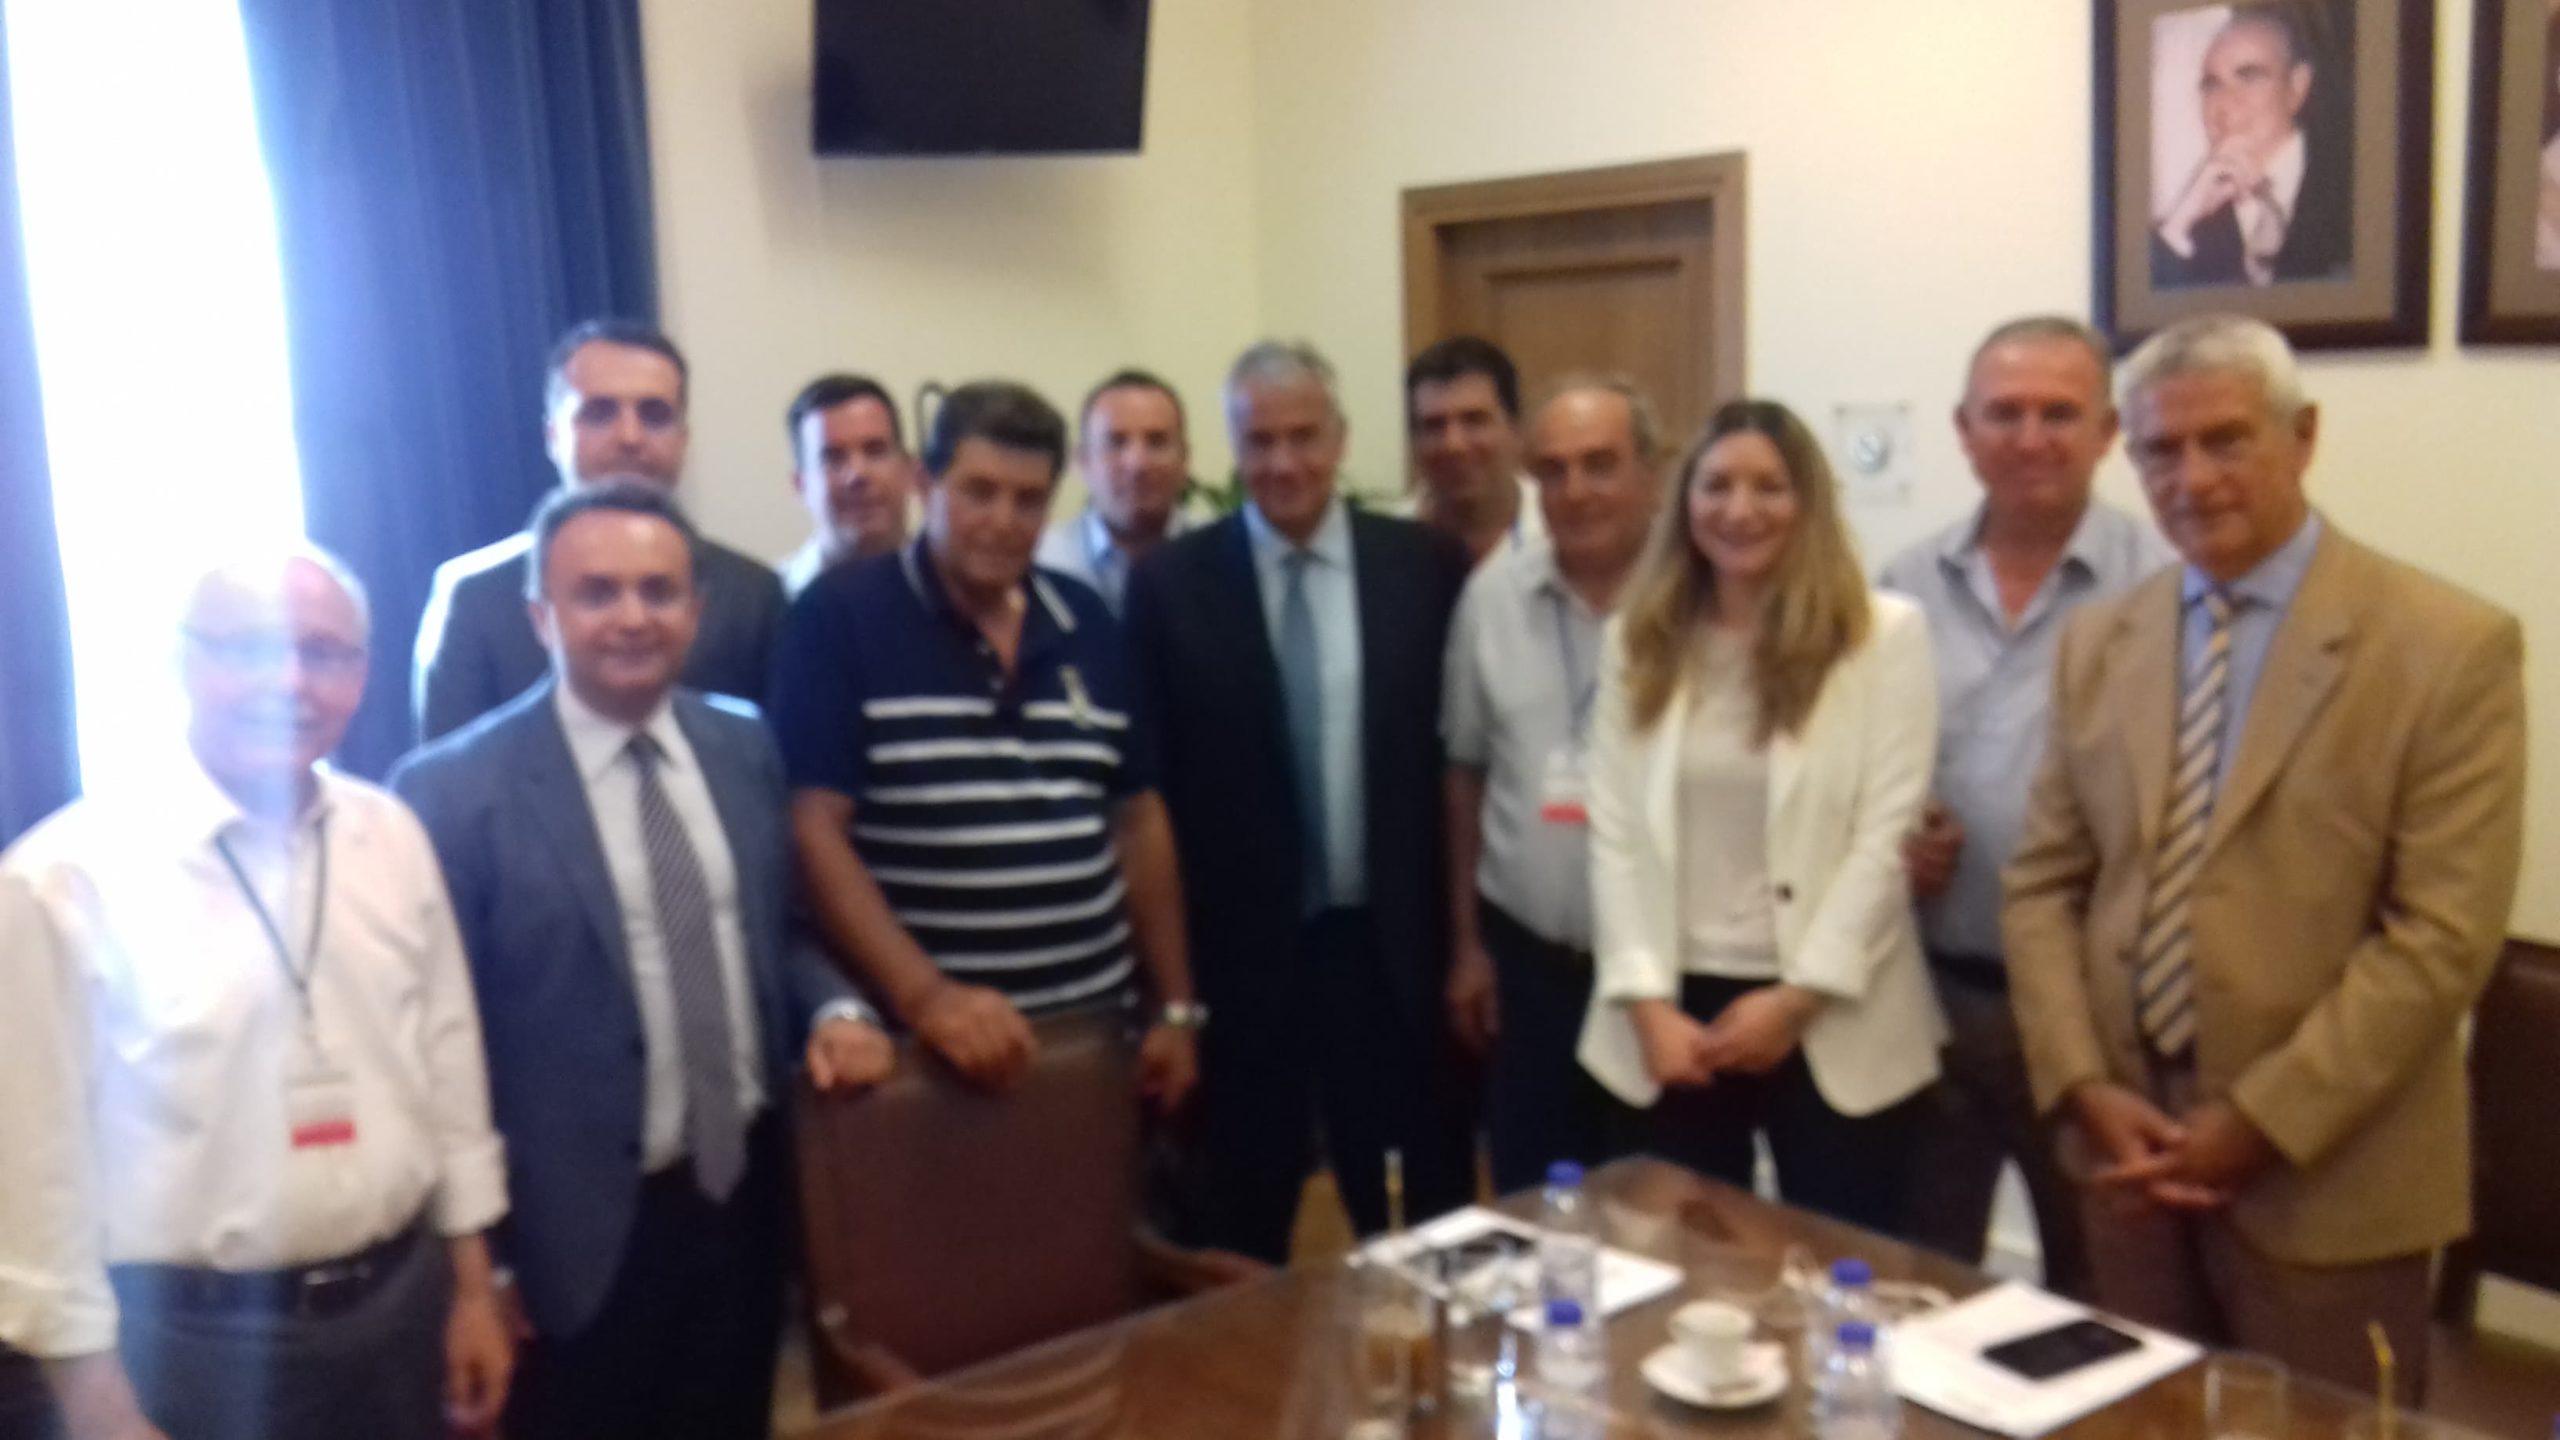 Συνάντηση με τον Υπουργό Αγροτικής Ανάπτυξης και Τροφίμων με επίκεντρο την ευρεία καταστροφή στο βαμβάκι του Έβρου